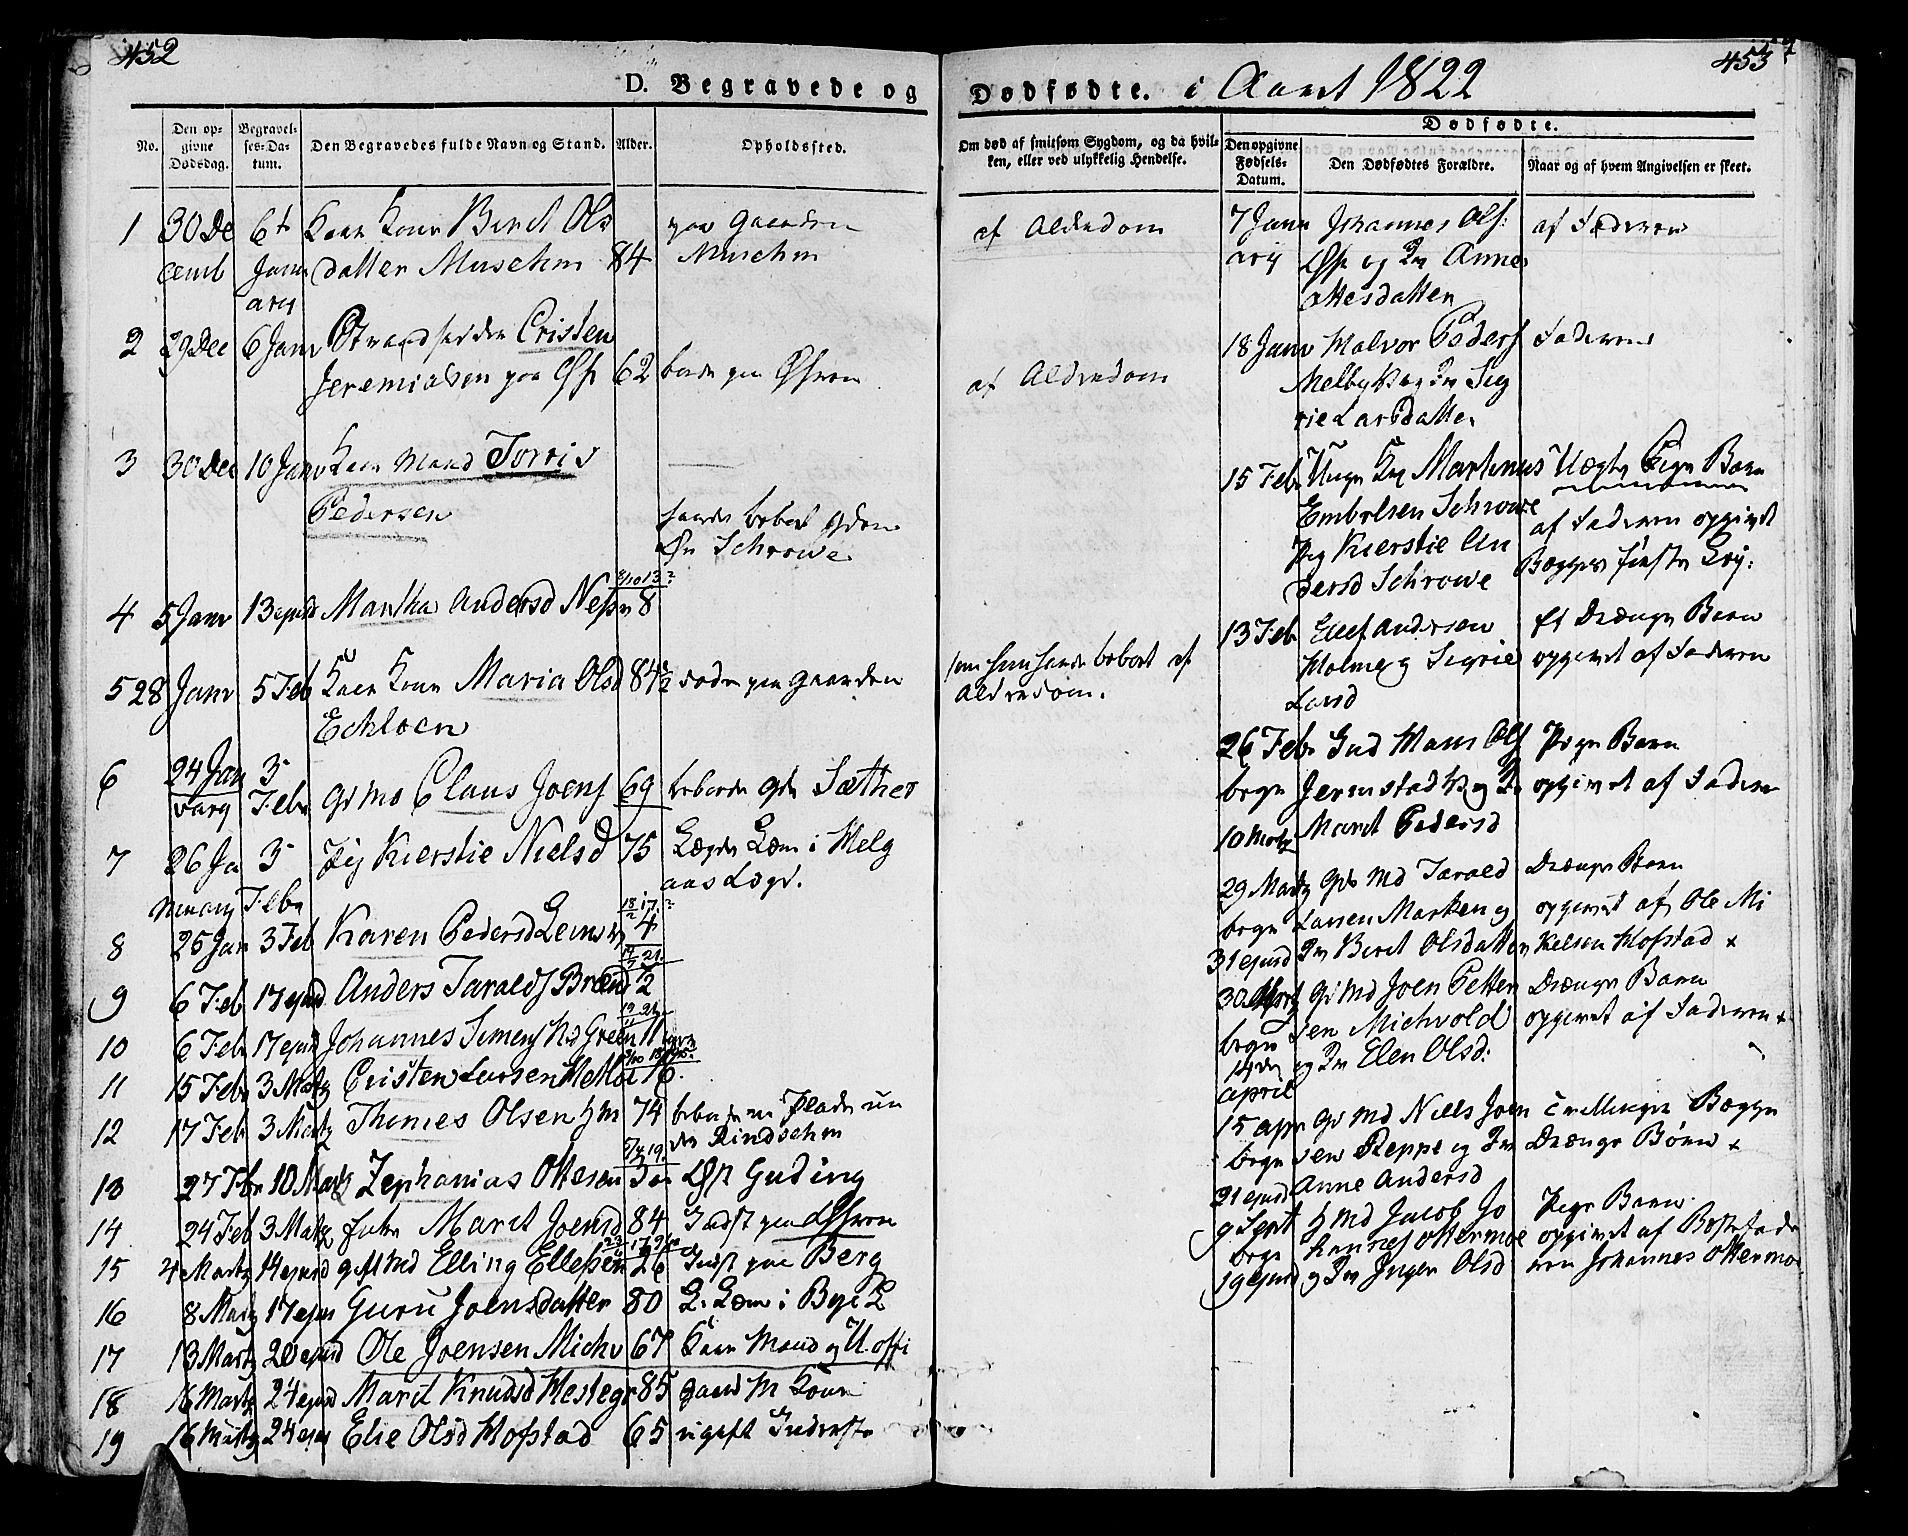 SAT, Ministerialprotokoller, klokkerbøker og fødselsregistre - Nord-Trøndelag, 723/L0237: Ministerialbok nr. 723A06, 1822-1830, s. 452-453